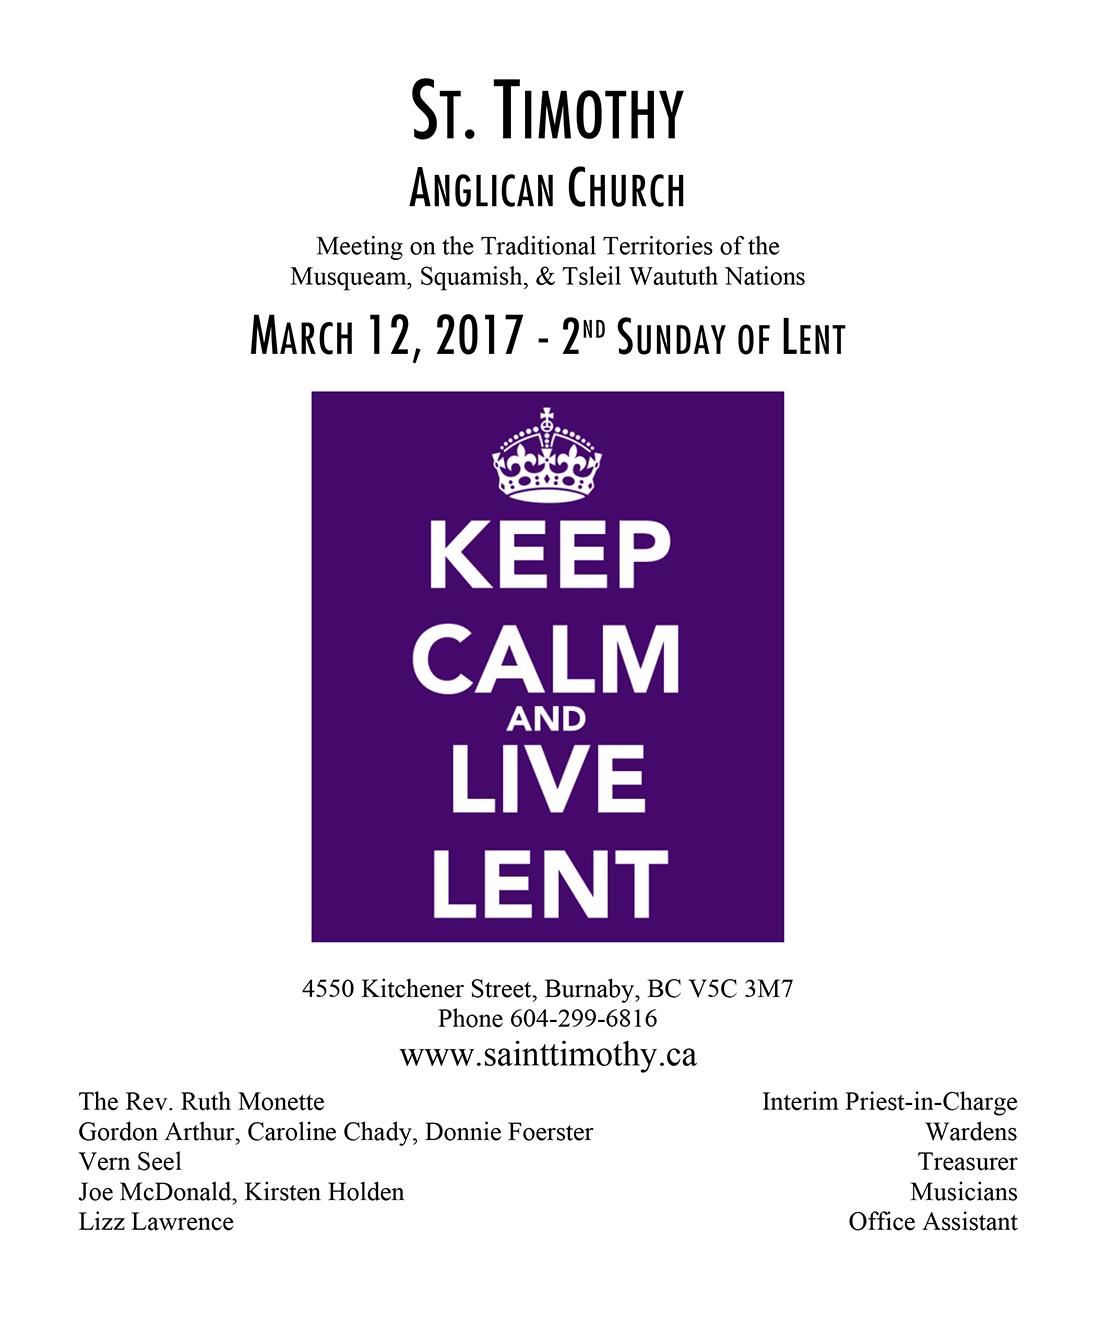 Bulletin: March 12, 2017